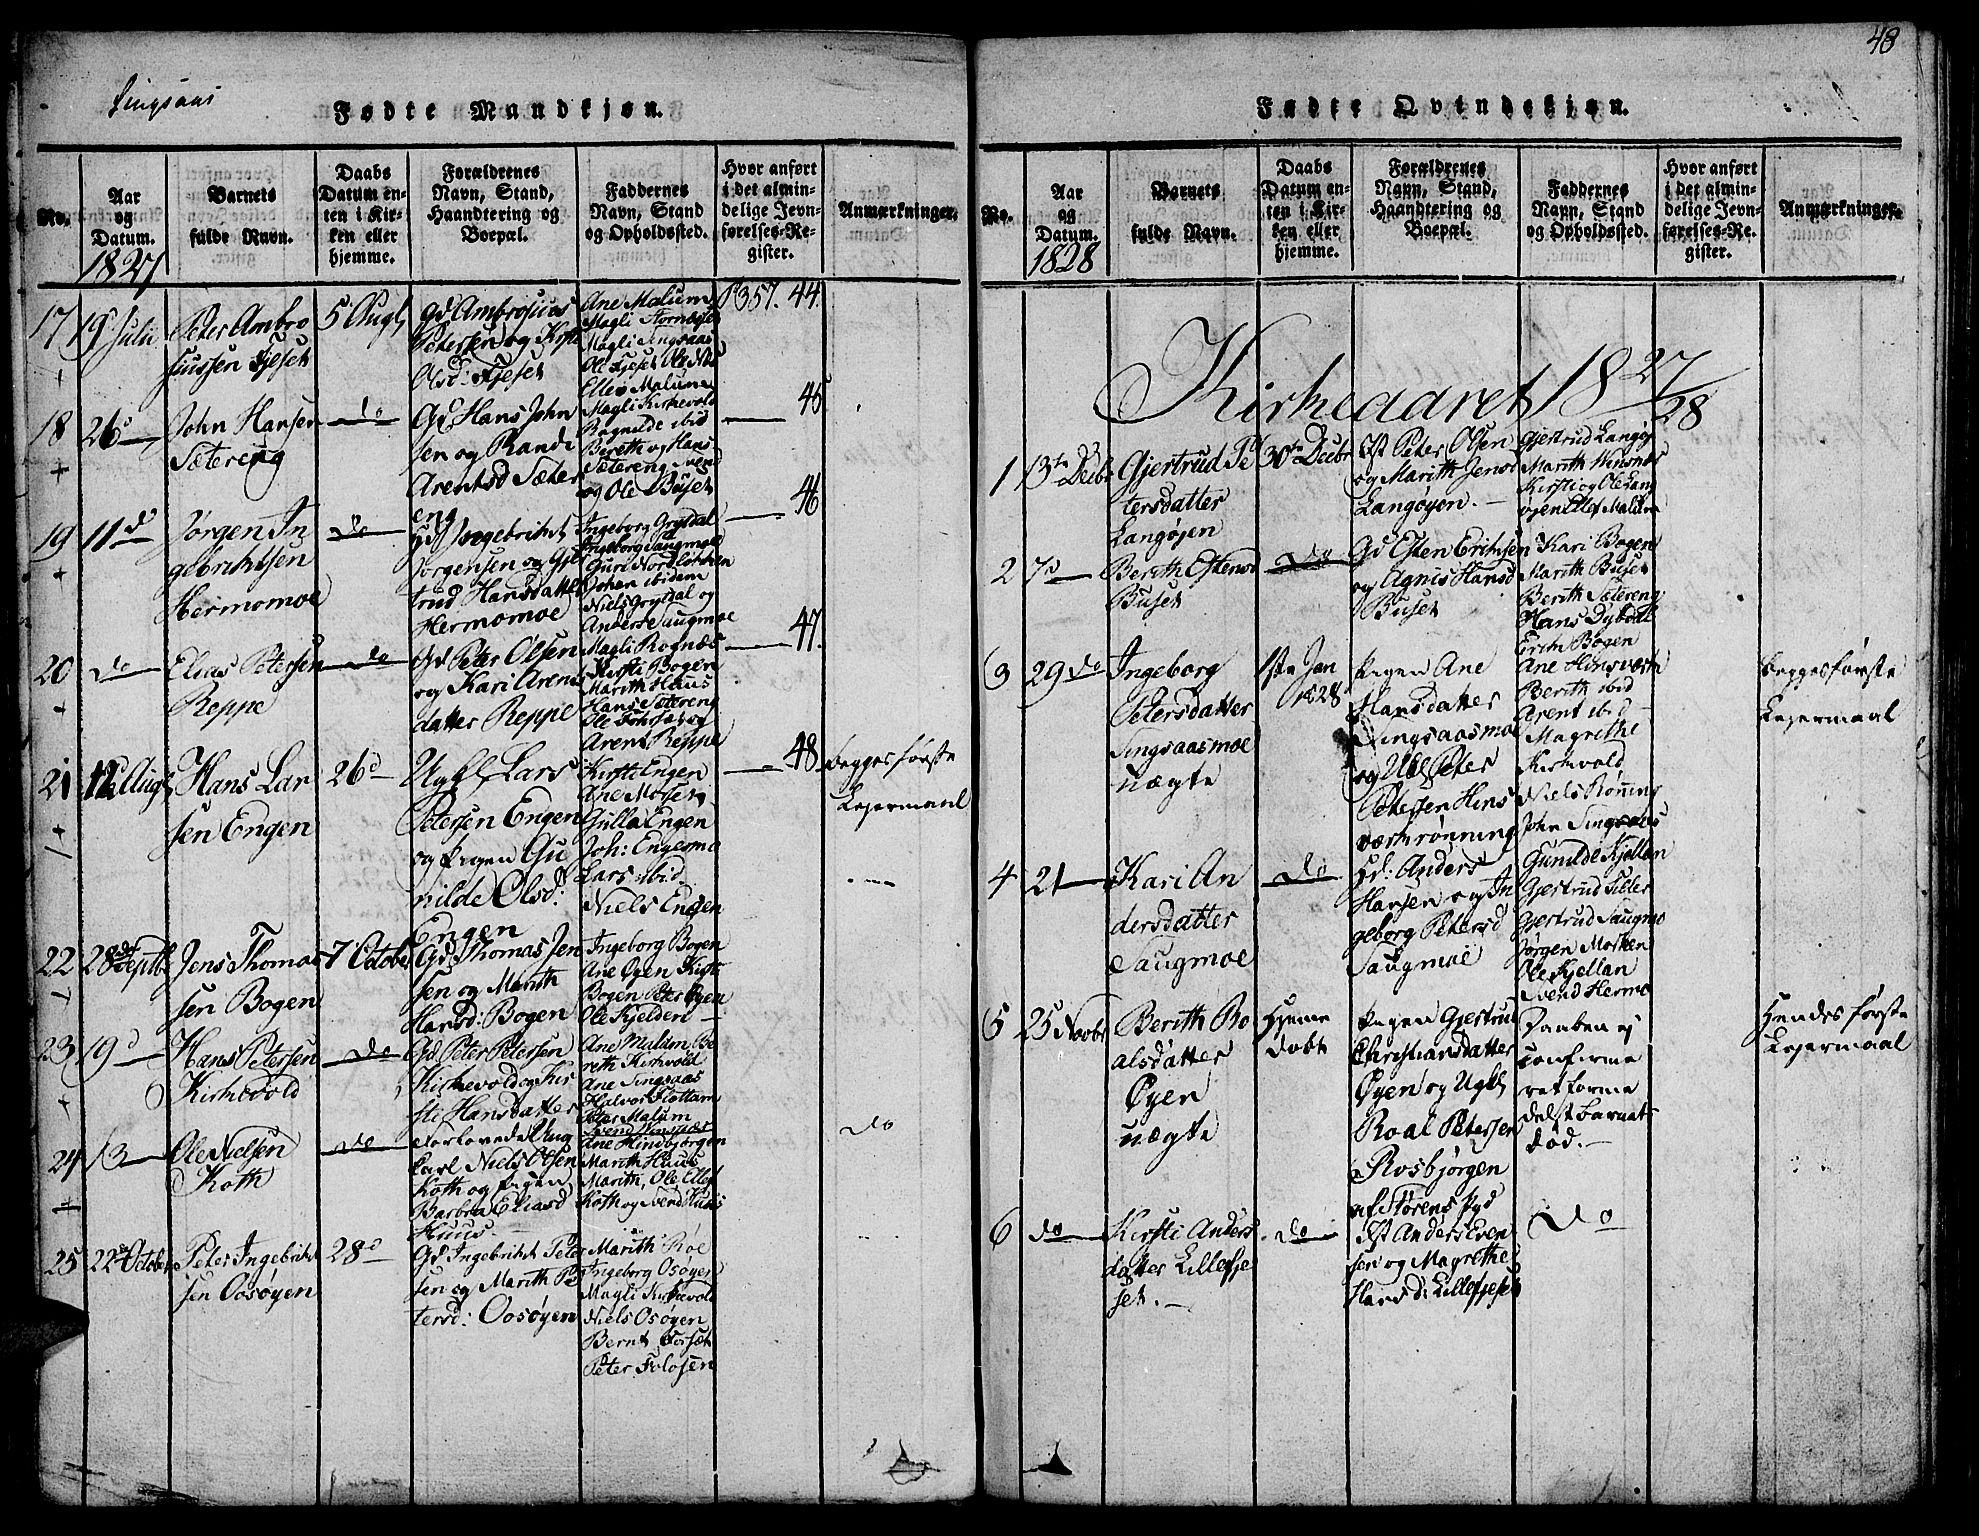 SAT, Ministerialprotokoller, klokkerbøker og fødselsregistre - Sør-Trøndelag, 685/L0955: Ministerialbok nr. 685A03 /2, 1817-1829, s. 48